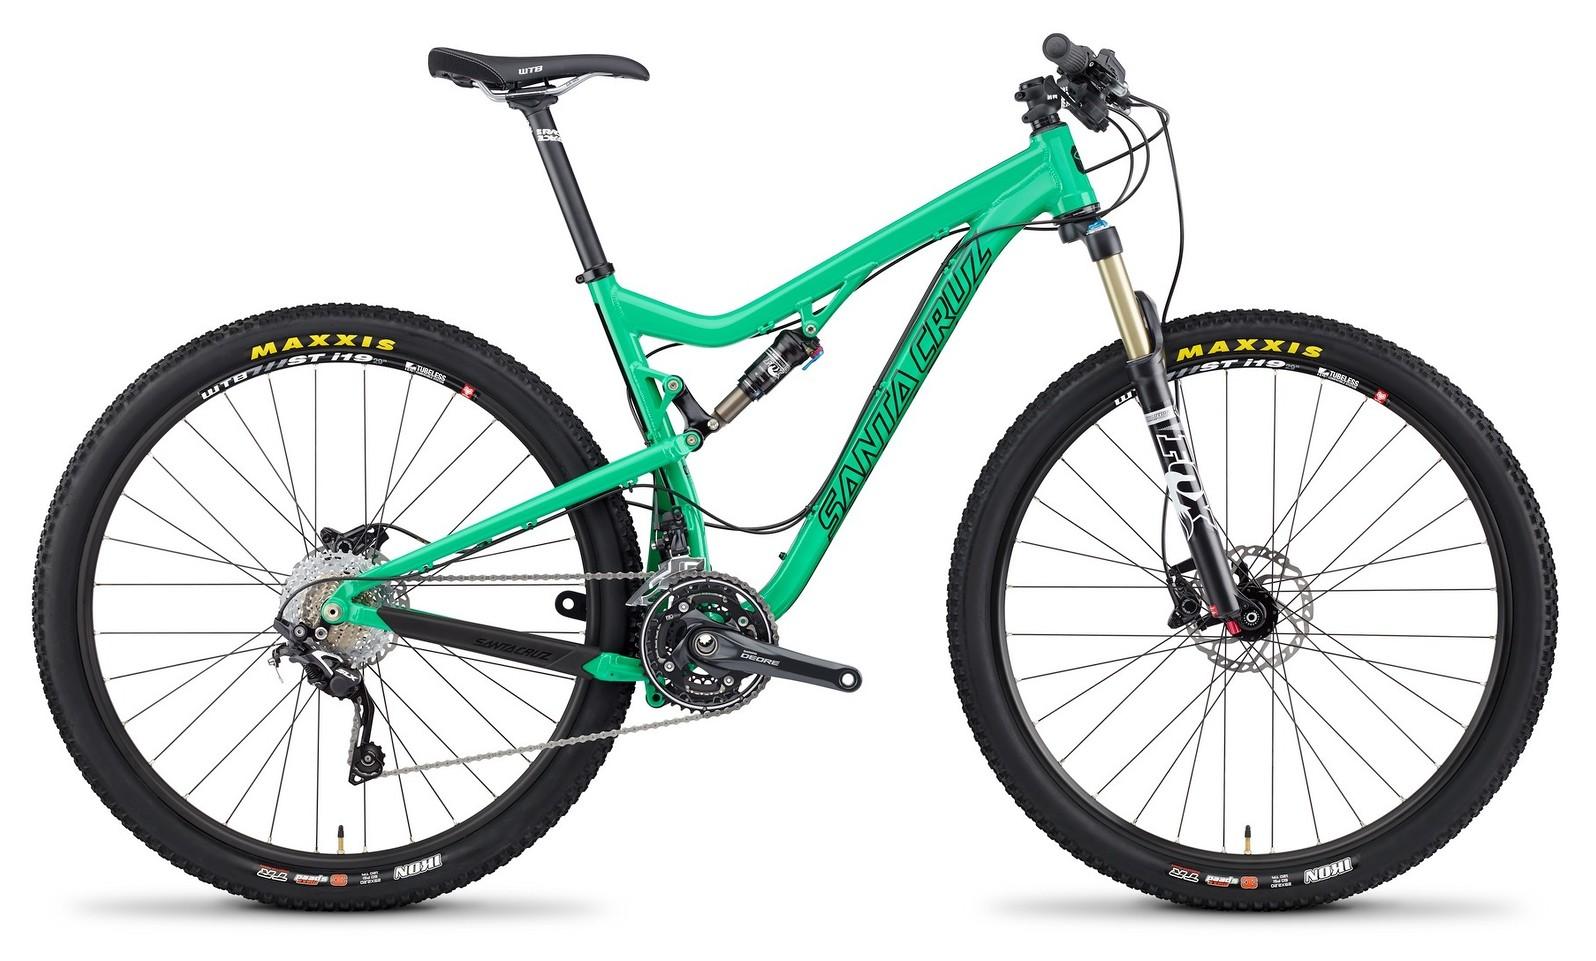 2014 Santa Cruz Tallboy 2 SPX XC 29 Bike TallBoy_profile_Alum_GRN